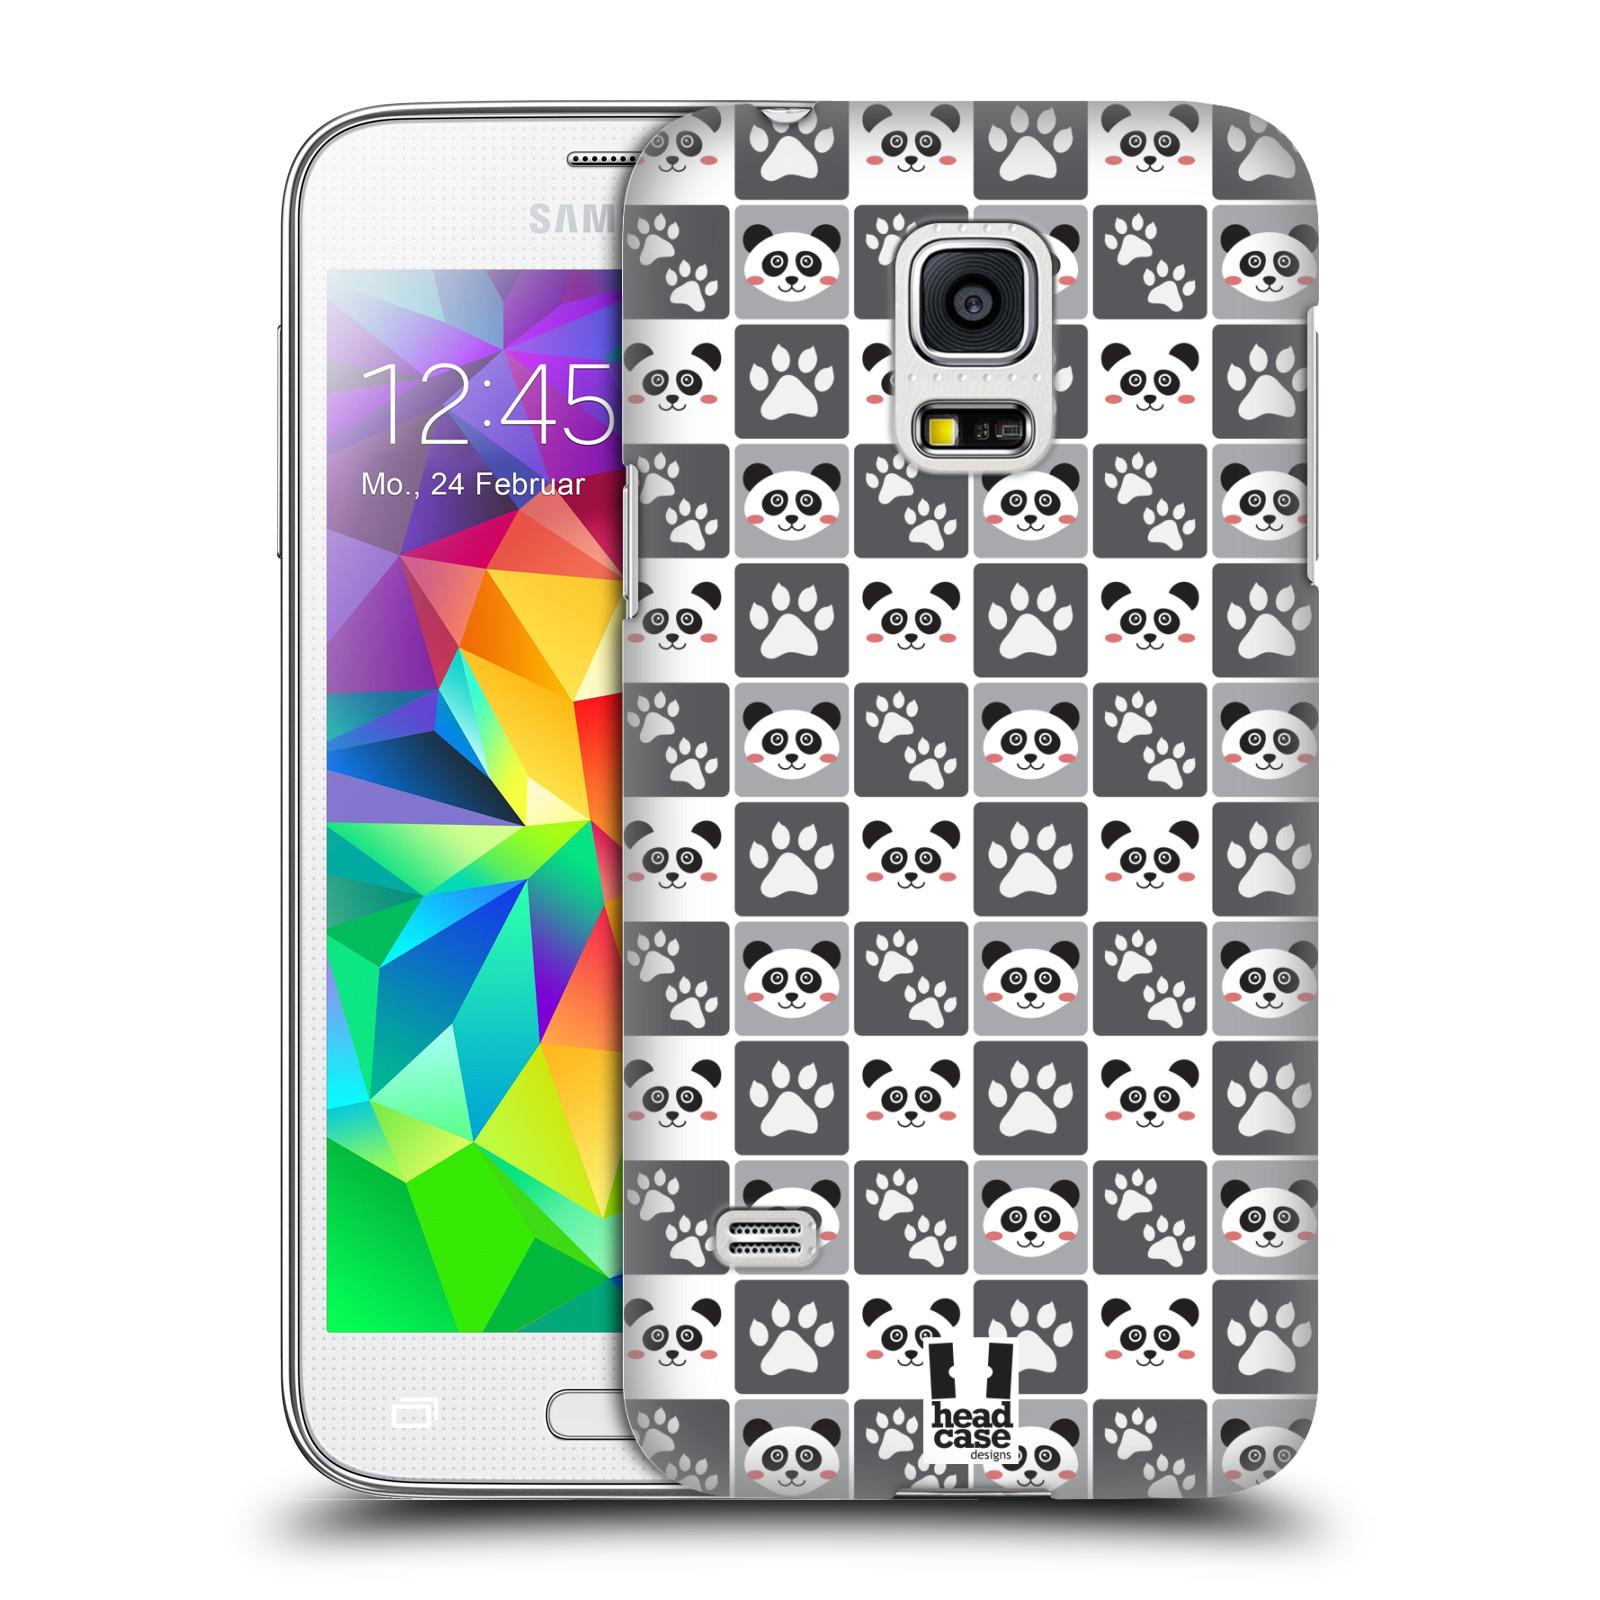 HEAD CASE plastový obal na mobil SAMSUNG Galaxy S5 MINI / S5 MINI DUOS vzor Zvířecí razítka MEDVÍDEK PANDA